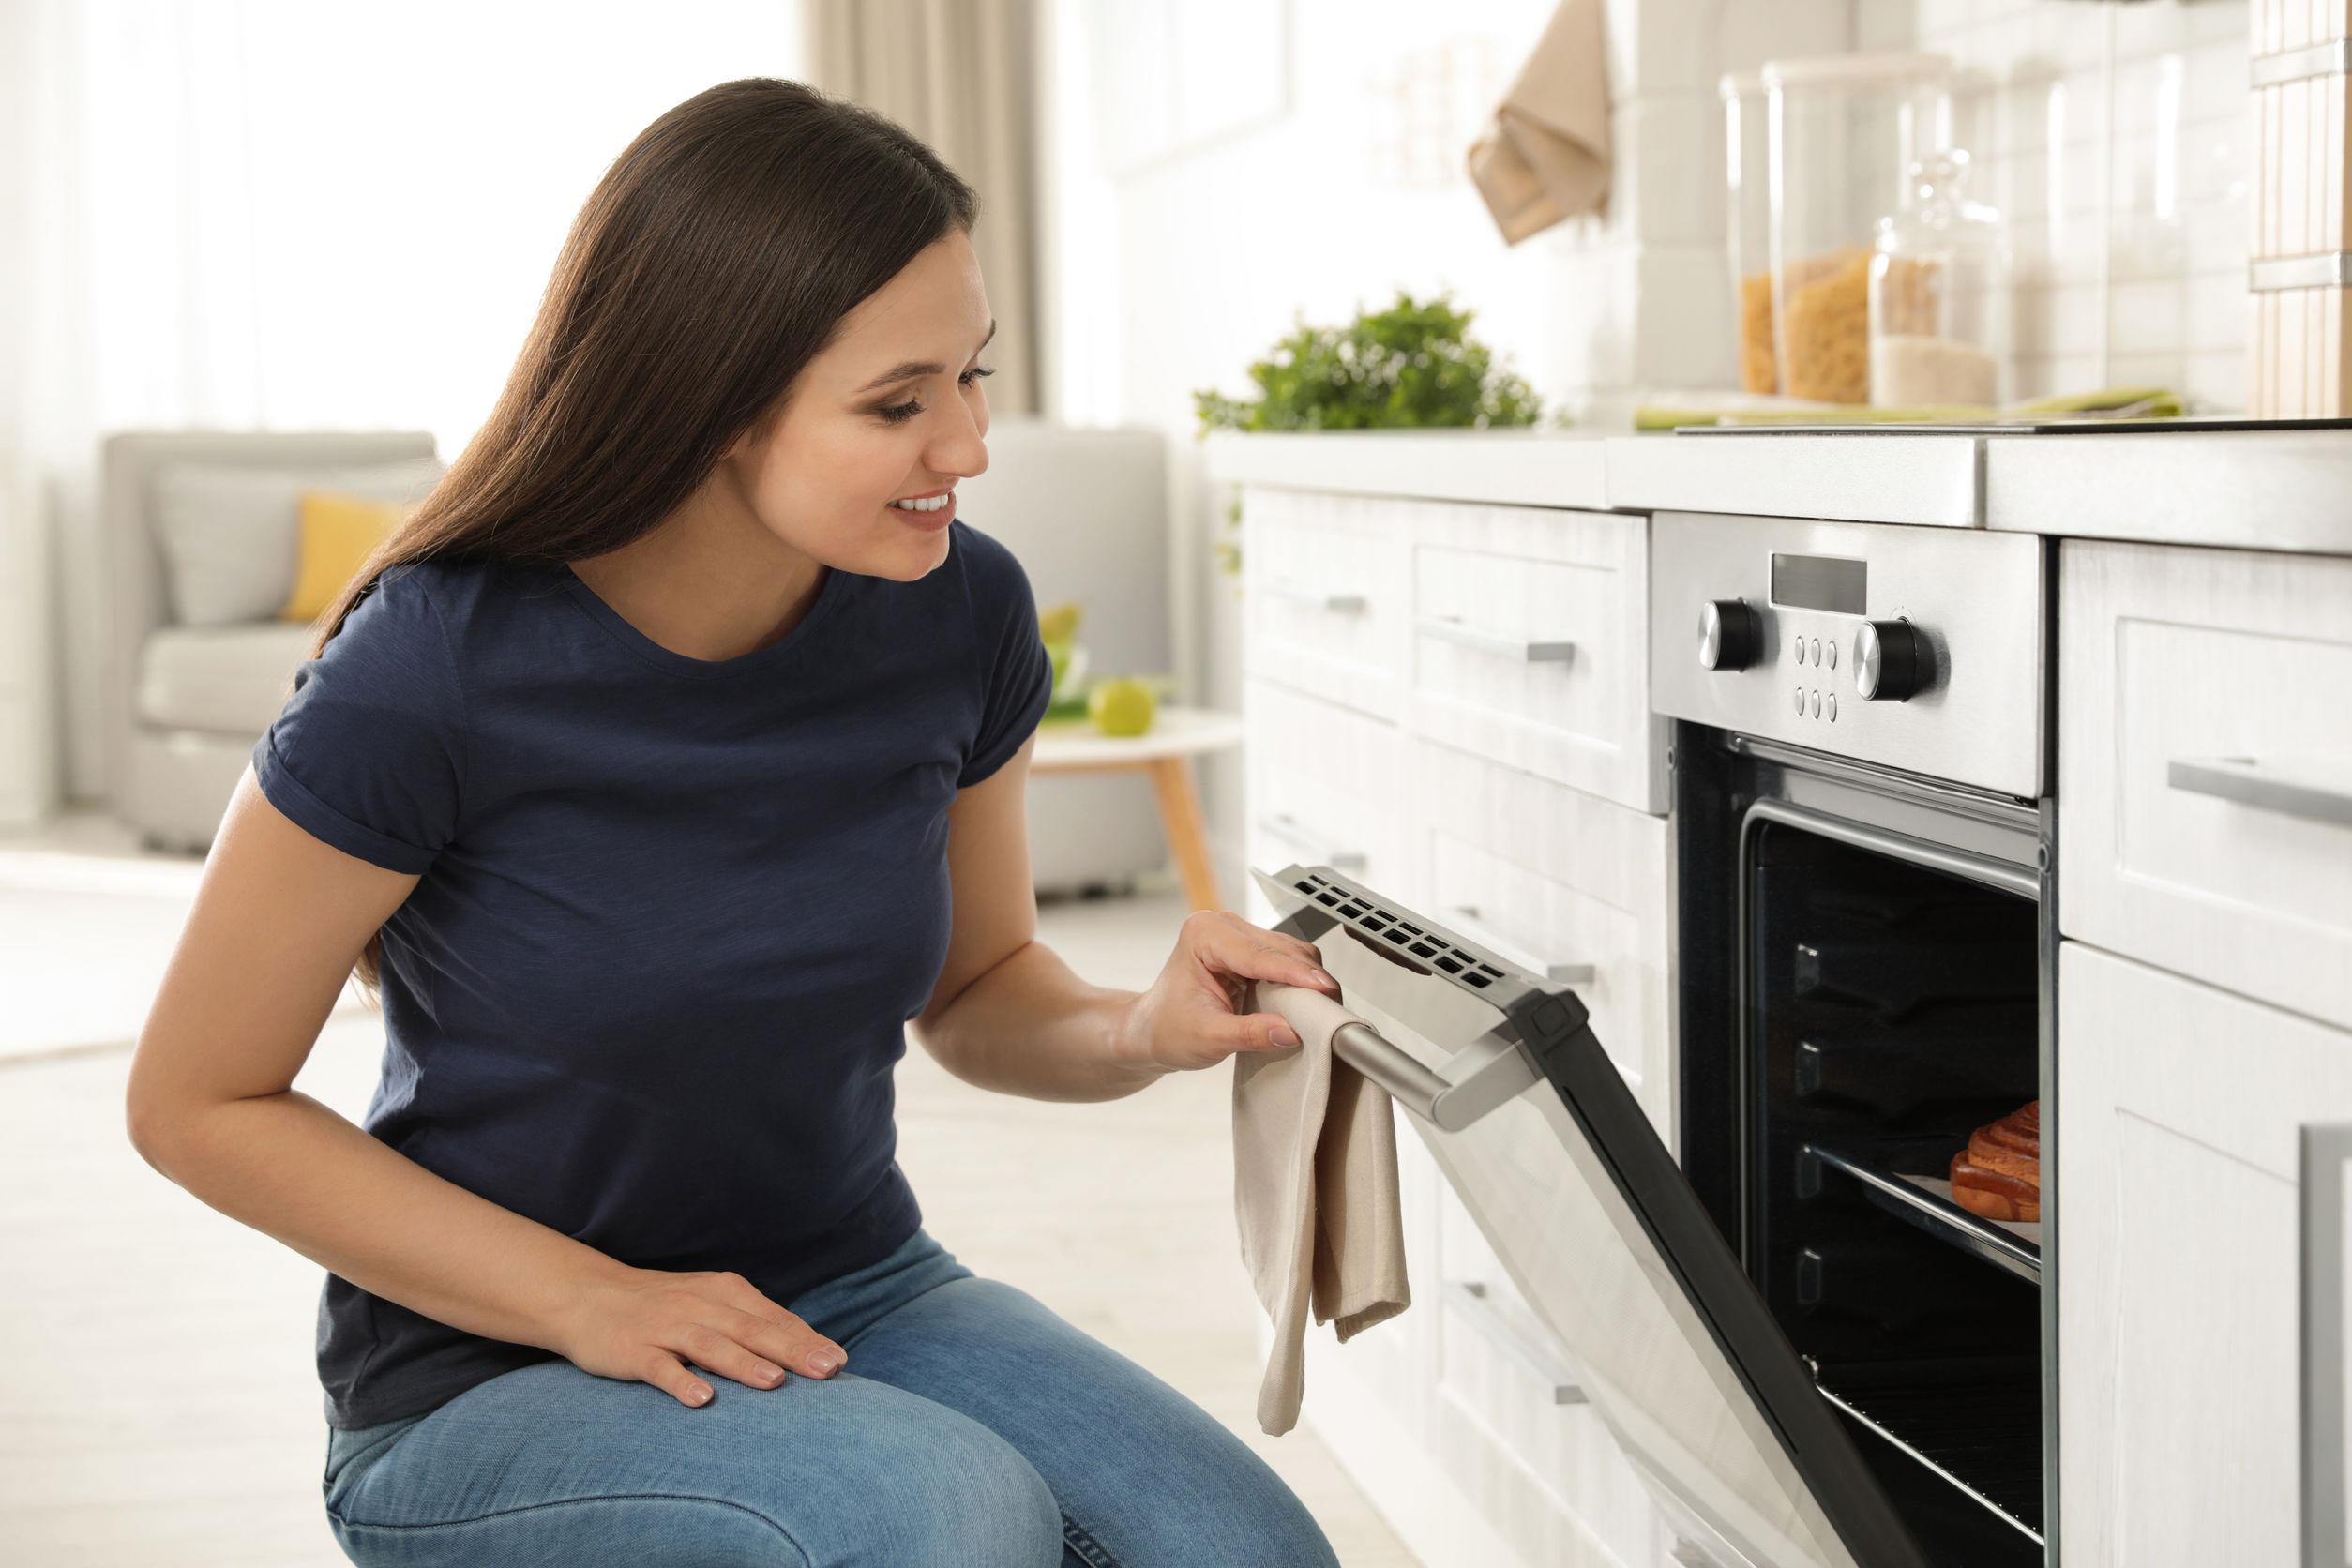 Na foto uma mulher abrindo um forno com uma pizza dentro